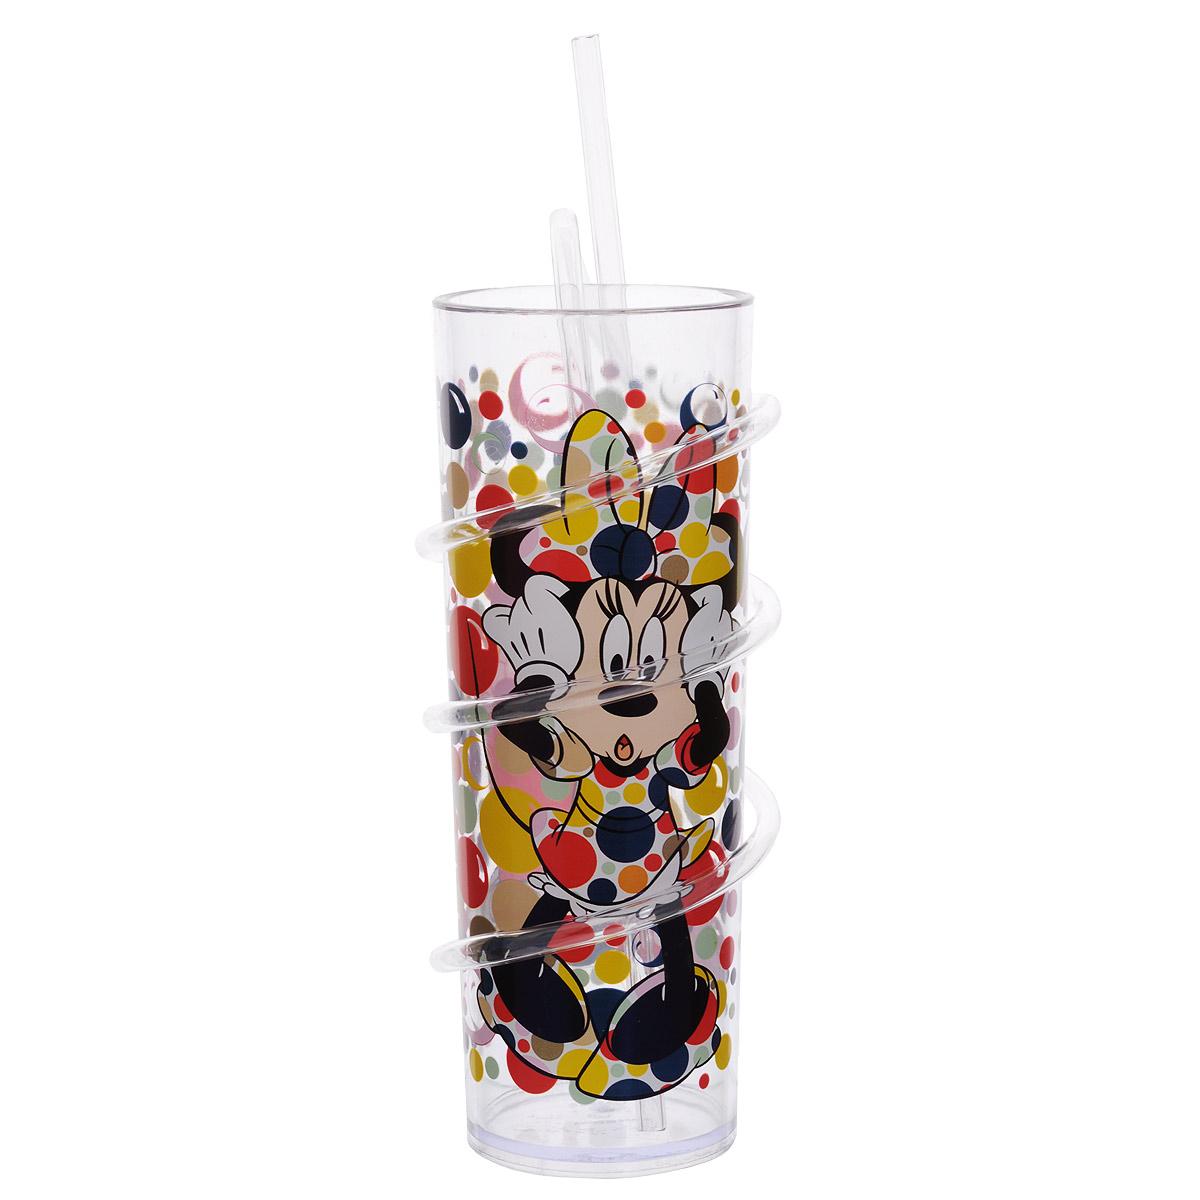 Бокал Disney Минни Маус, с витой соломинкой, 330 мл. 535M1535M1Бокал Disney Минни Маус изготовлен из прозрачного пищевого пластика, имитирующего стекло. Это очень удобно и безопасно, так как пластик не бьется. Изделие декорировано красочным изображением Минни Маус, что обязательно понравится малышу и сделает бокал его самым любимым. Съемная витая соломинка позволяет вдоволь насладиться любимым или не очень напитком, превратив все в игру, ведь так интересно наблюдать, как жидкость проходит через всю соломинку. Бокал подходит холодных и горячих напитков до 85°С. Для детей от 3-х лет. Не рекомендуется ставить в СВЧ и мыть в посудомоечной машине. Изготовлено по лицензии Walt Disney.